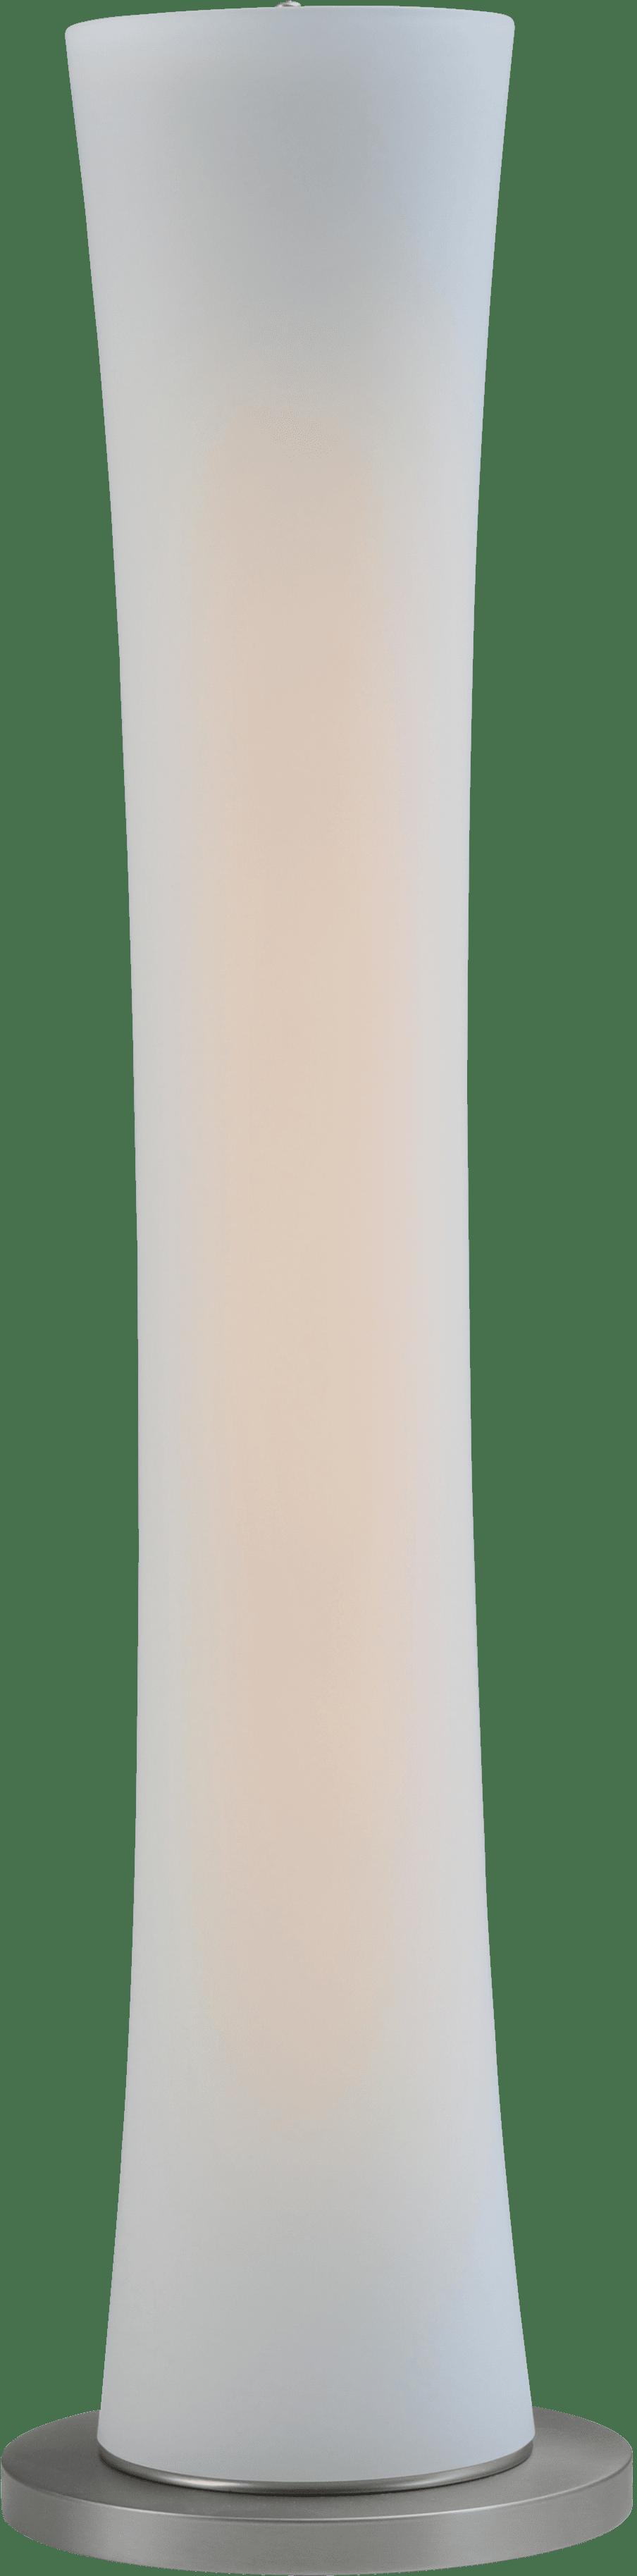 Terra VL TERRA NICKEL H.112CM GLASS D.18CM DTW